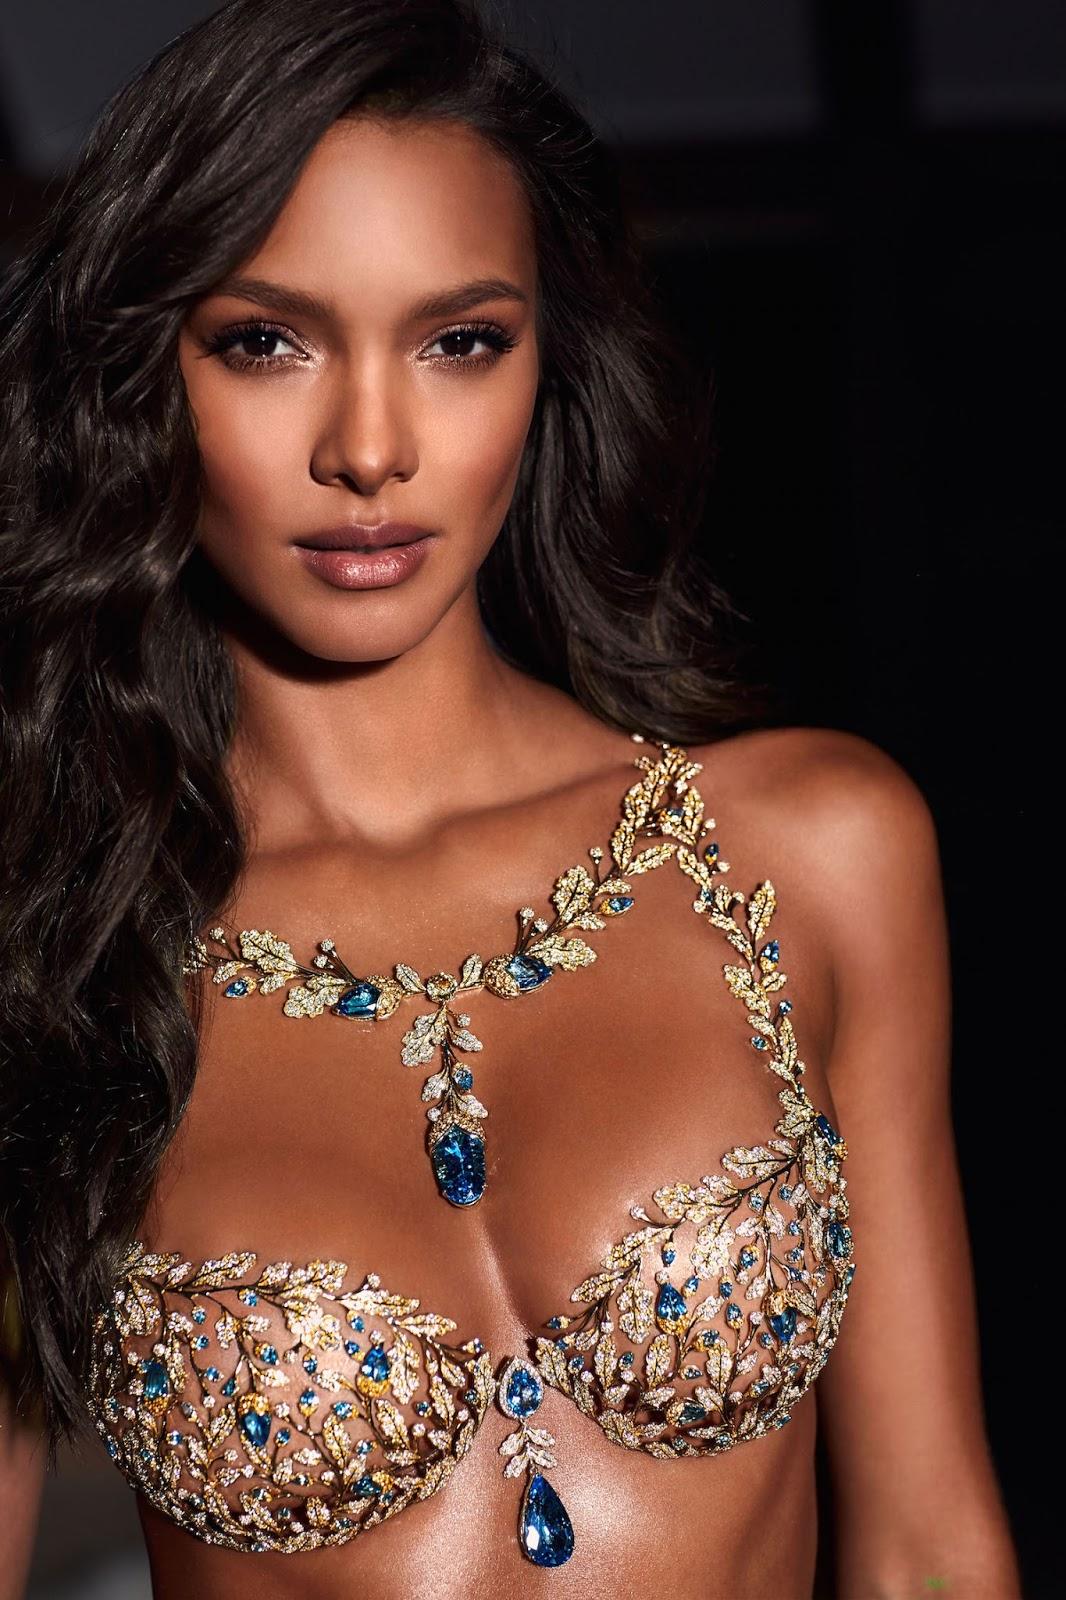 Lais Ribeiro to wear the $2 Million Victoria's Secret 2017 Fantasy Bra